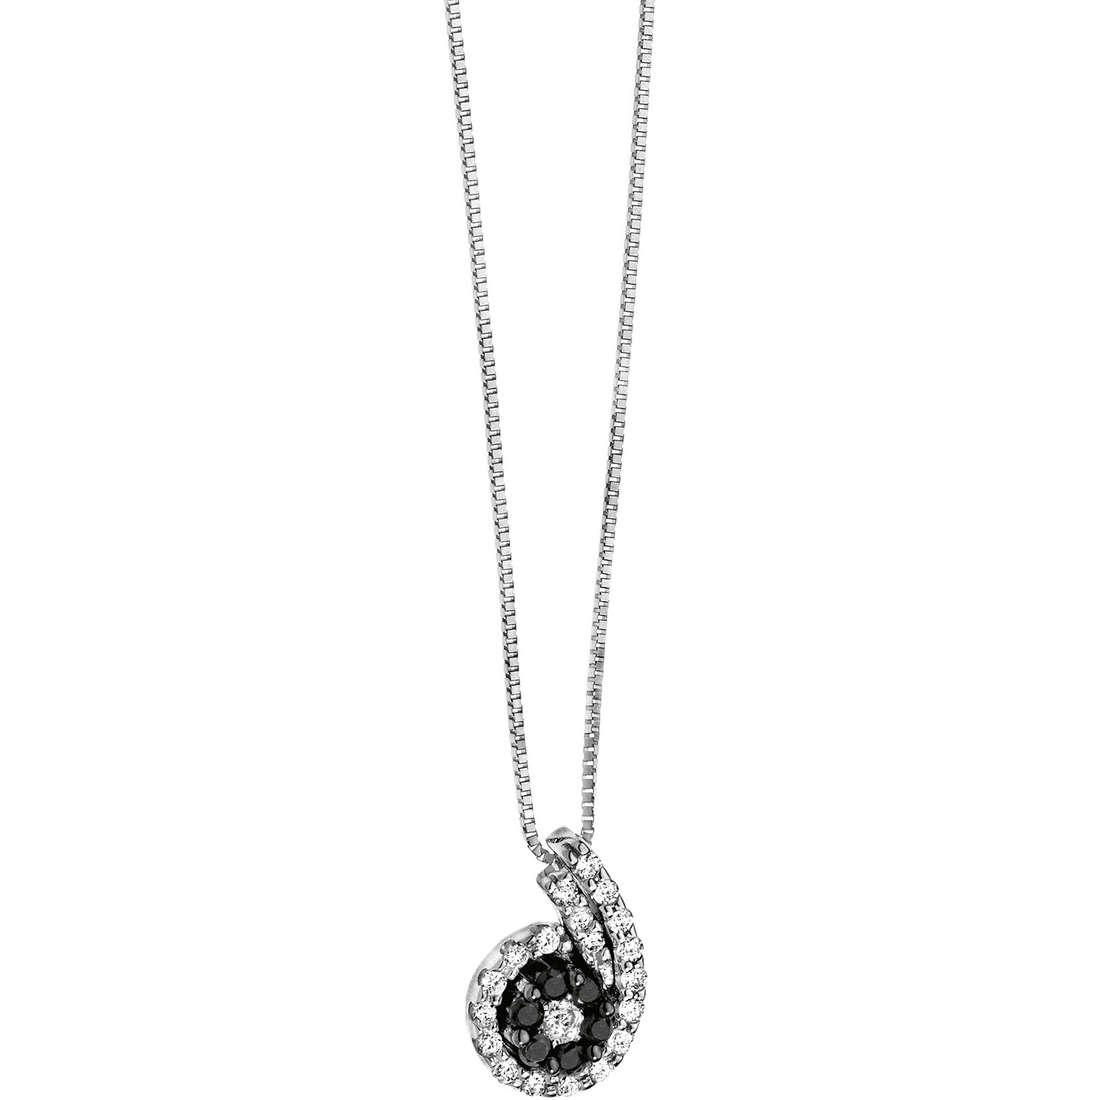 collana donna gioielli Comete Pietre preziose colorate GLB 830